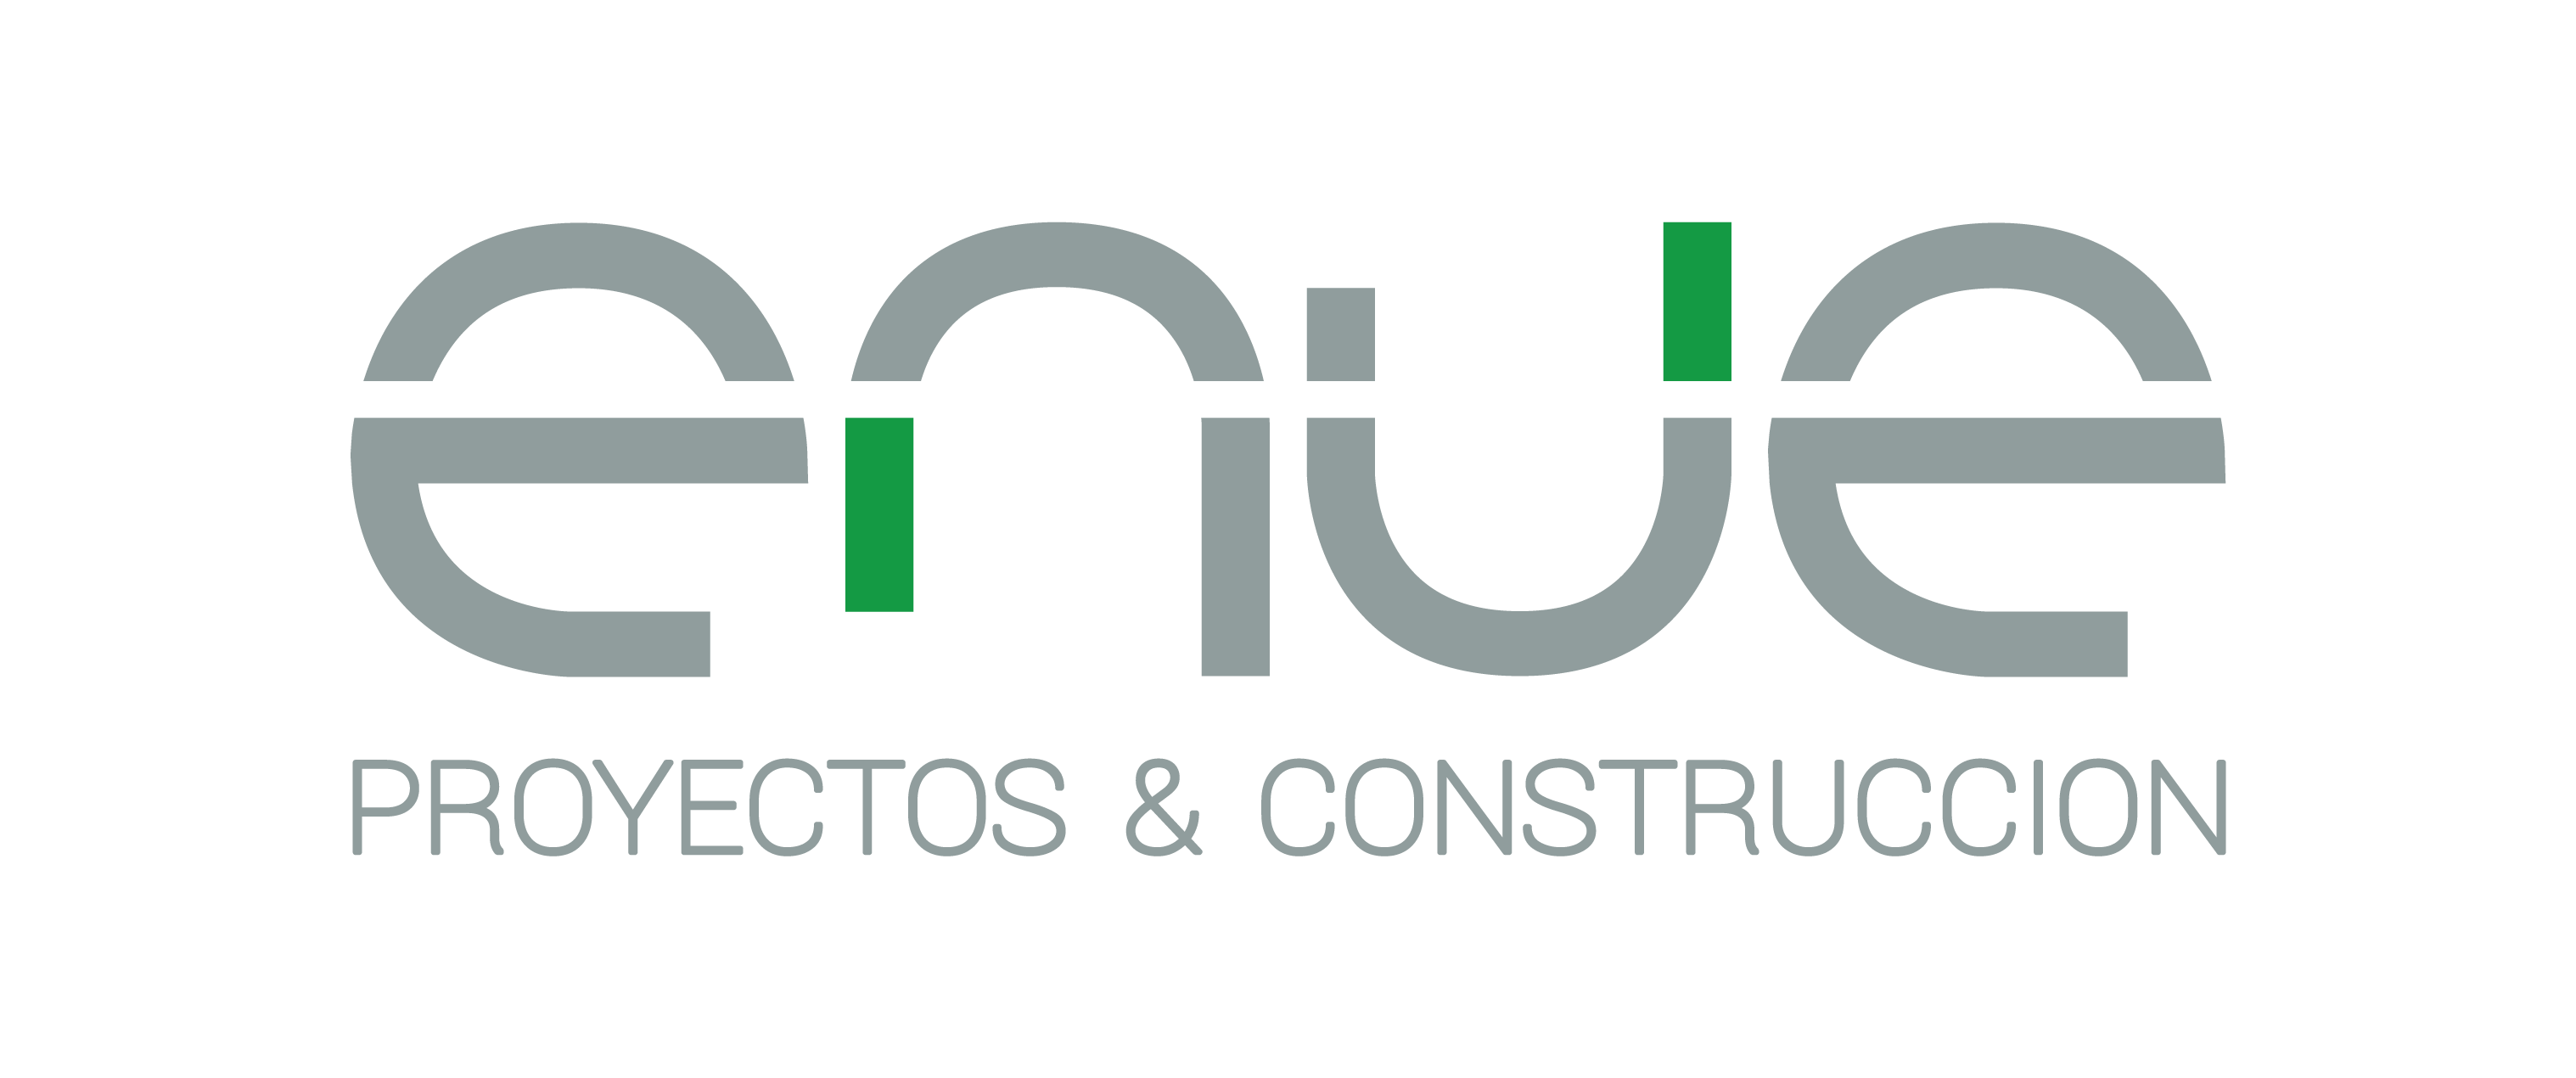 ENUE Proyectos & Construcción